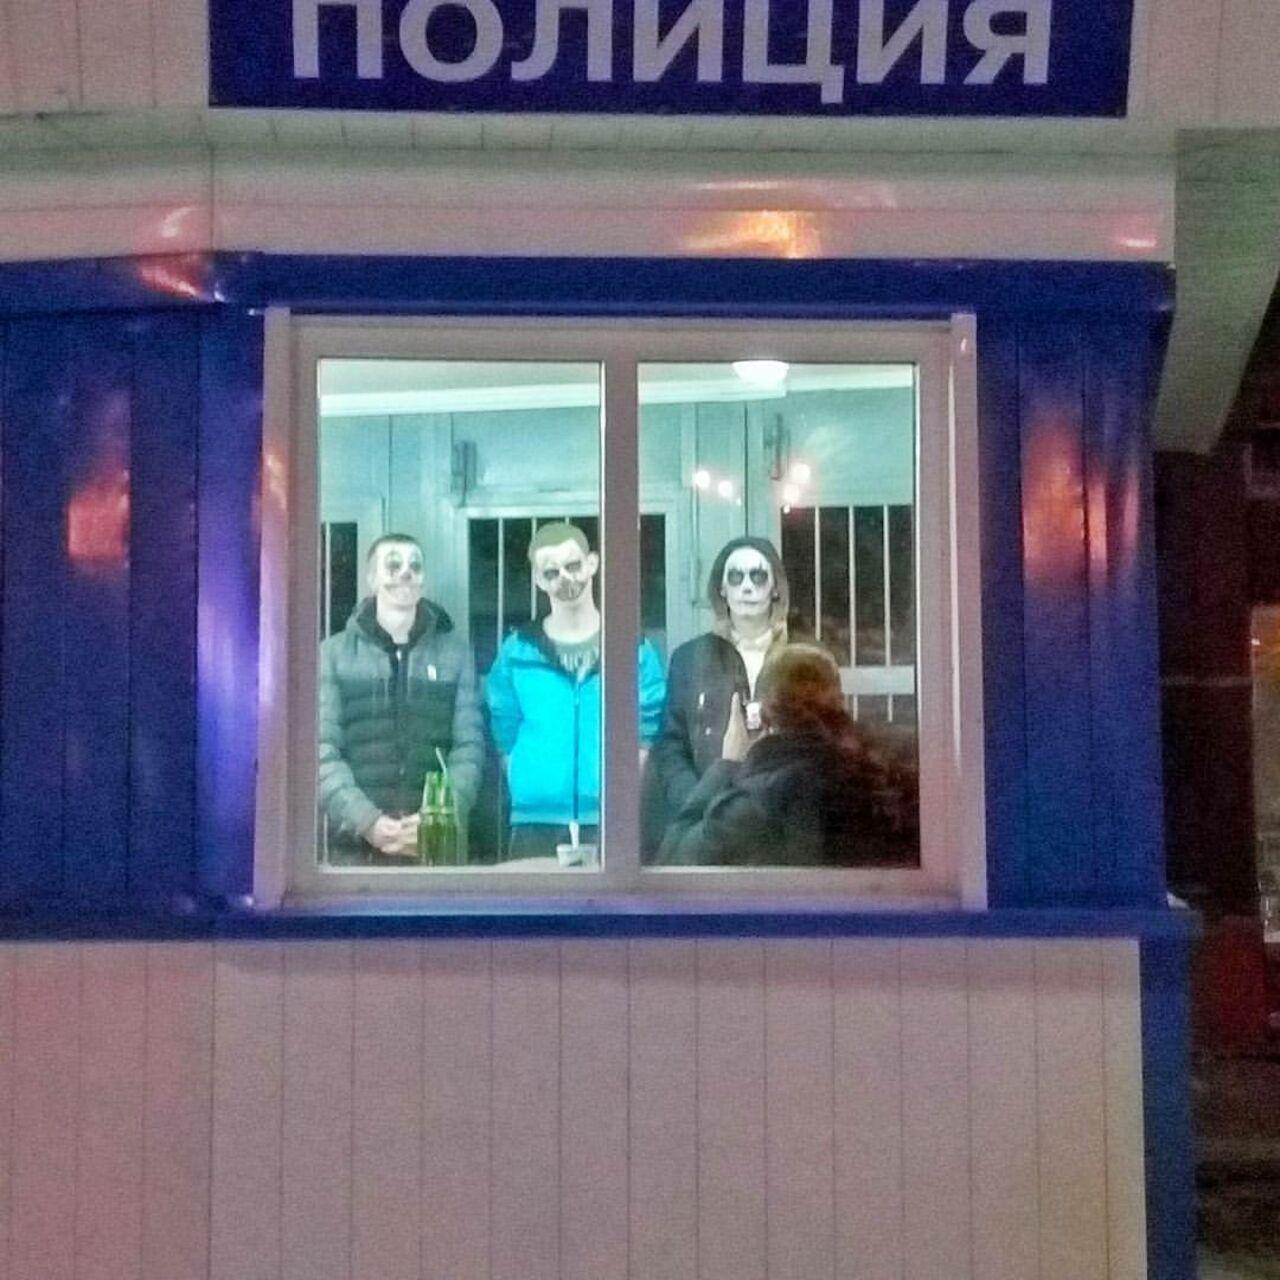 Вцентре Кемерова задержали выходцев из«Отряда самоубийц»